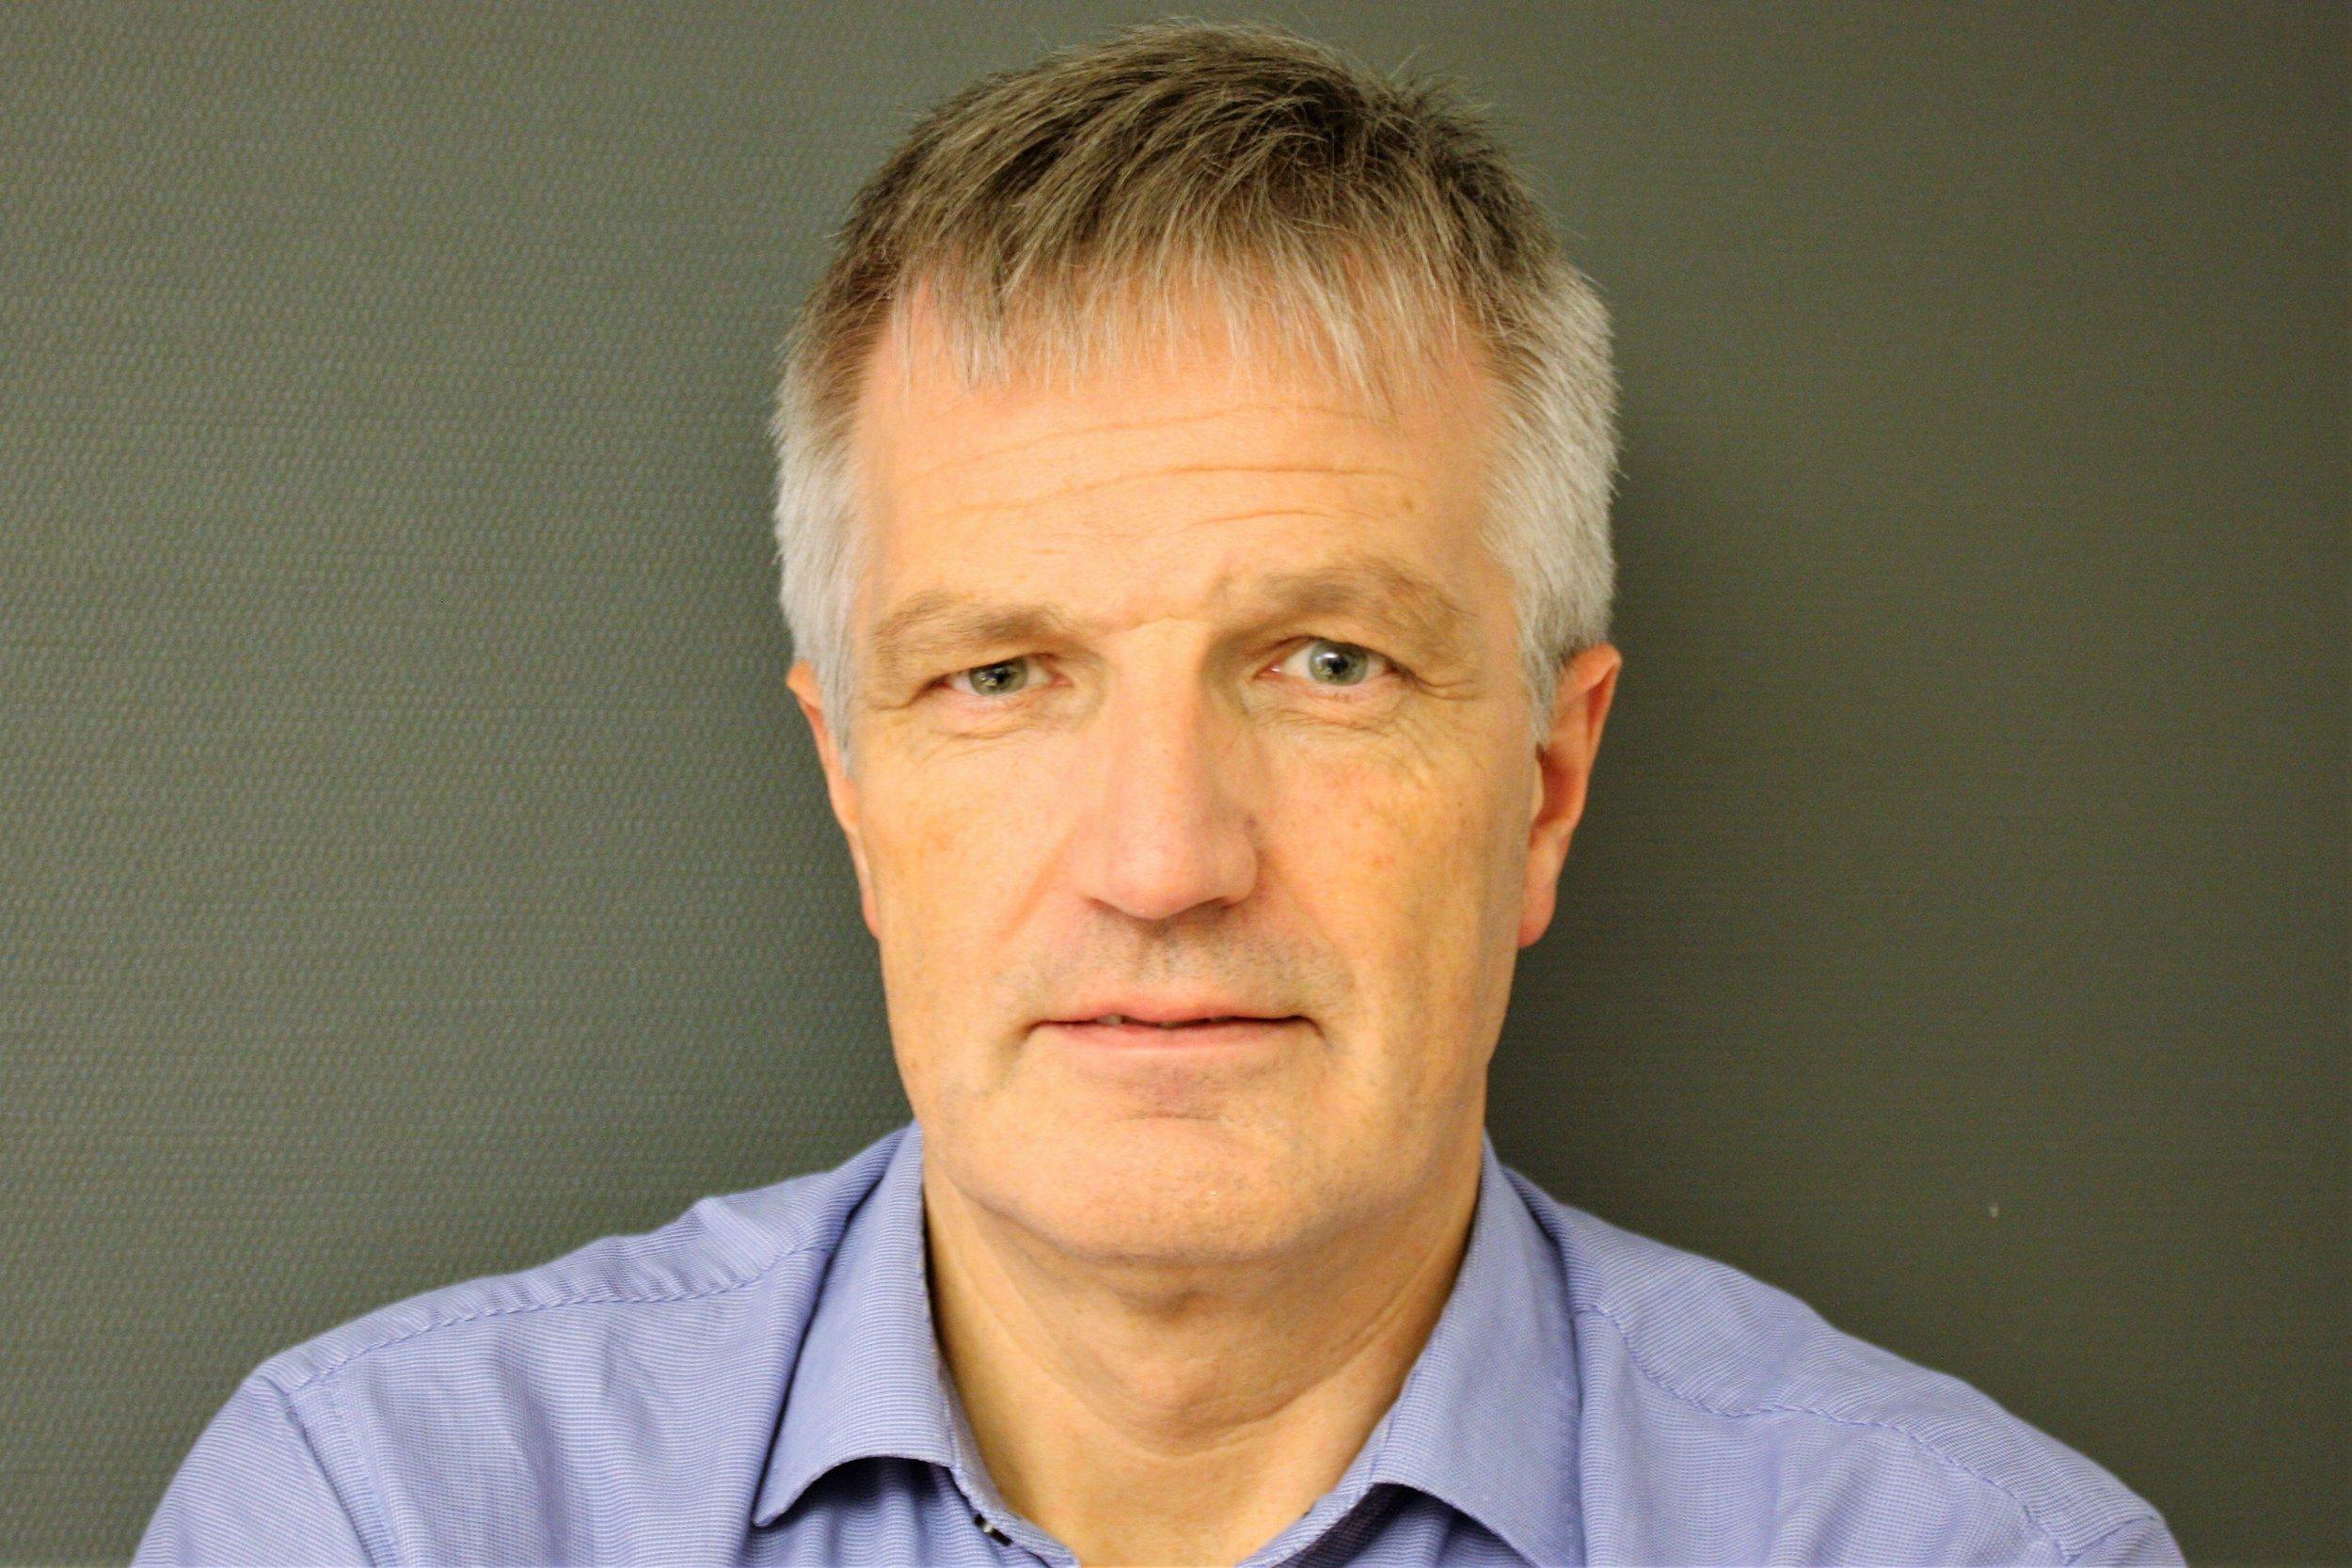 Thor S. Ekhorn - Daglig LederTlf: 952 31 360te@linkpro.no